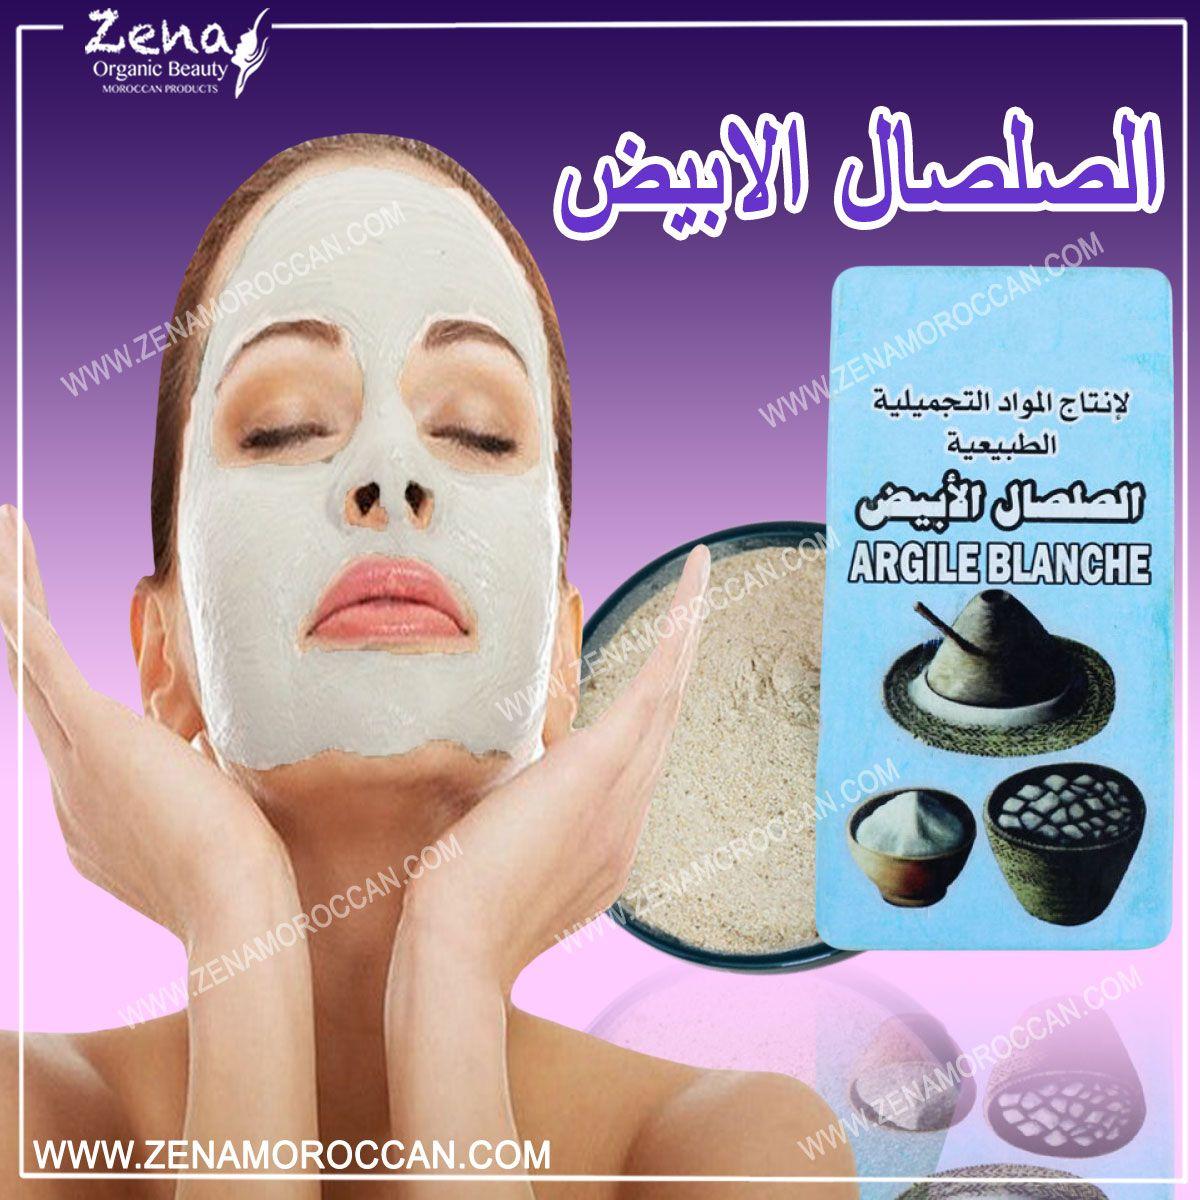 الصلصال الابيض In 2021 White Clay Organic Beauty Clay